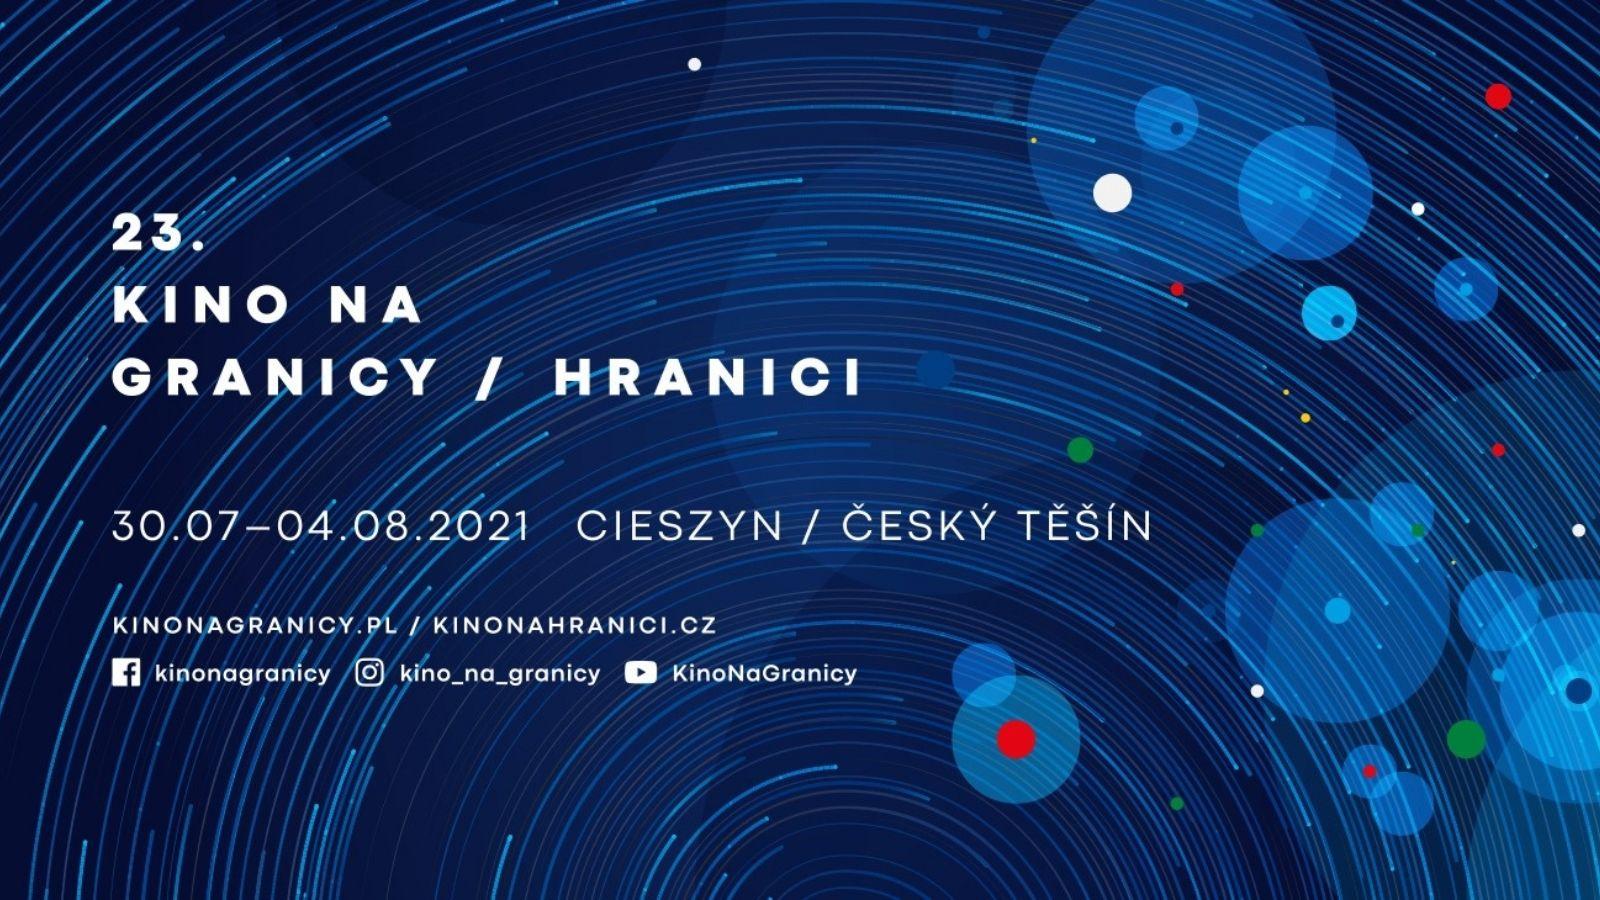 23. Kino na Granicy/Hranici - Cieszyn/Český Těšín